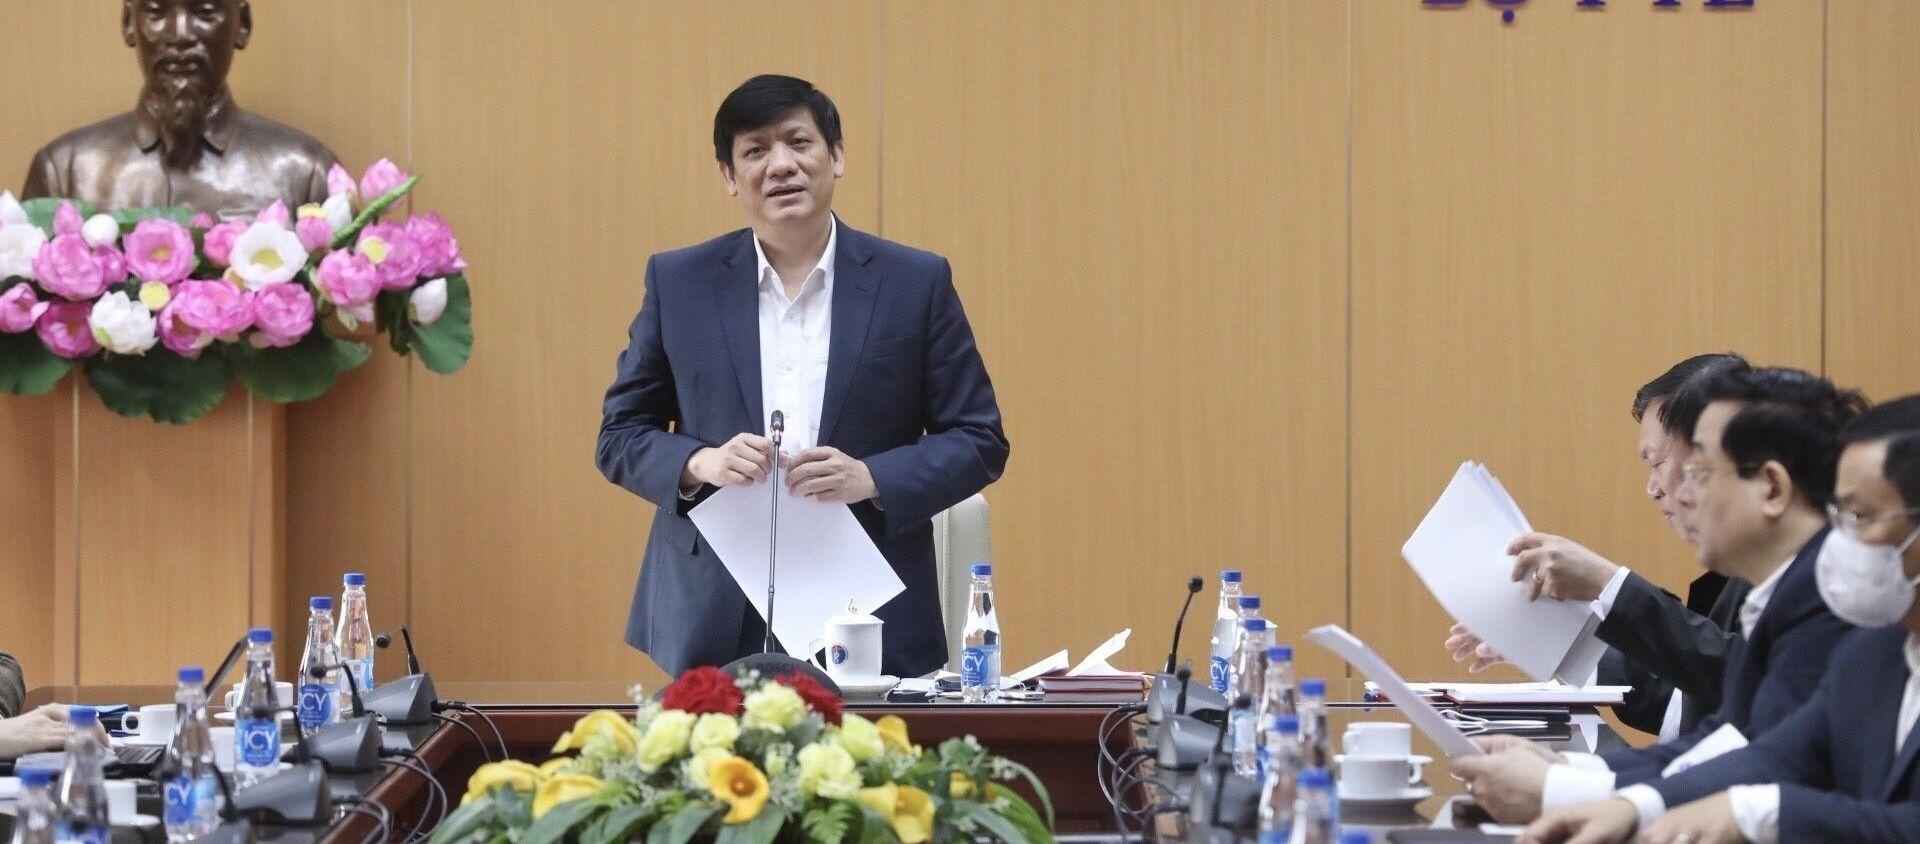 Trong ảnh: Bộ trưởng Bộ Y tế Nguyễn Thanh Long phát biểu - Sputnik Việt Nam, 1920, 06.03.2021